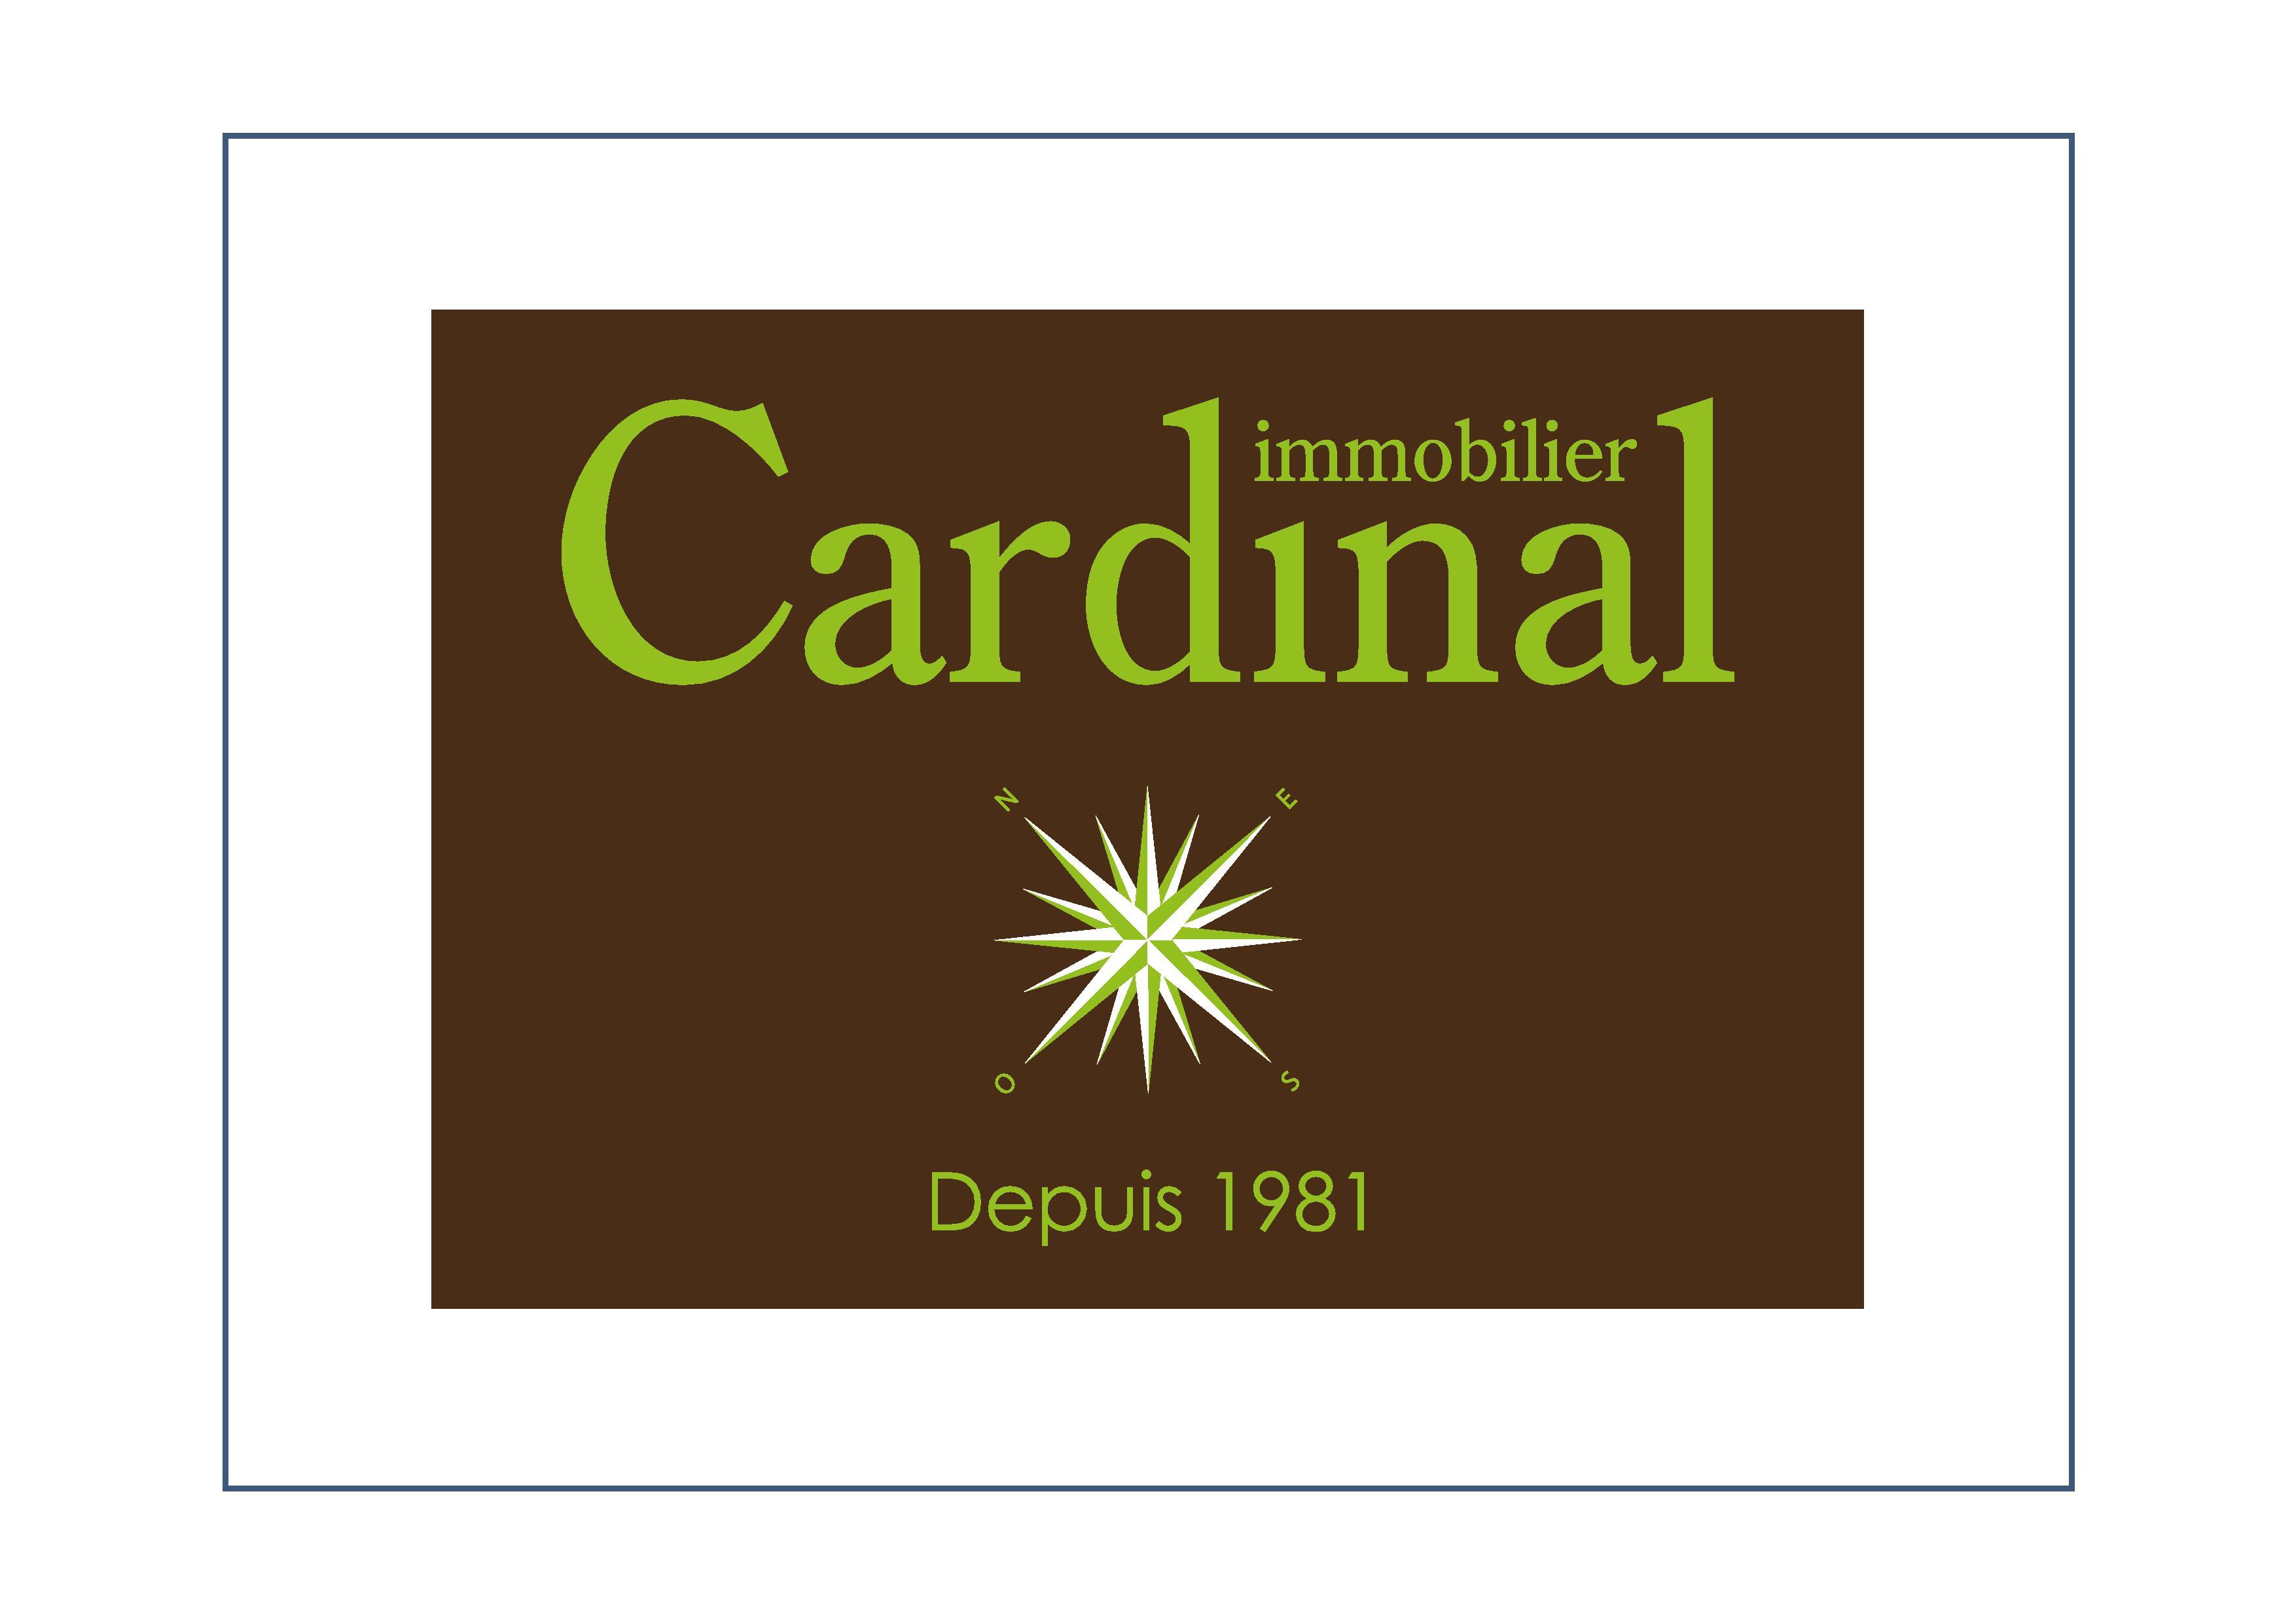 Agence du cardinal